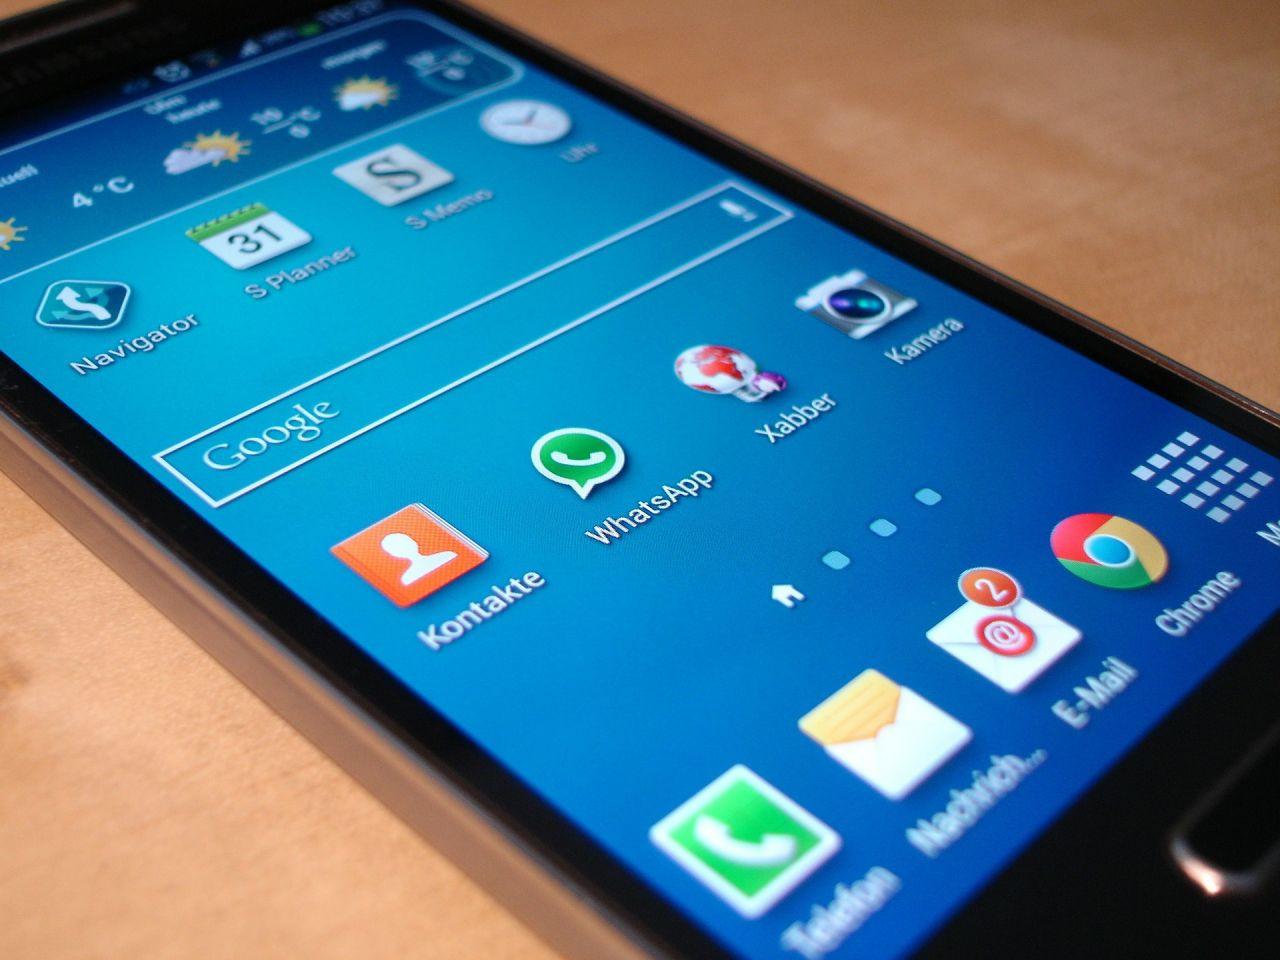 WhatsApp 2 milyondan fazla hesabı engelledi - Resim: 4